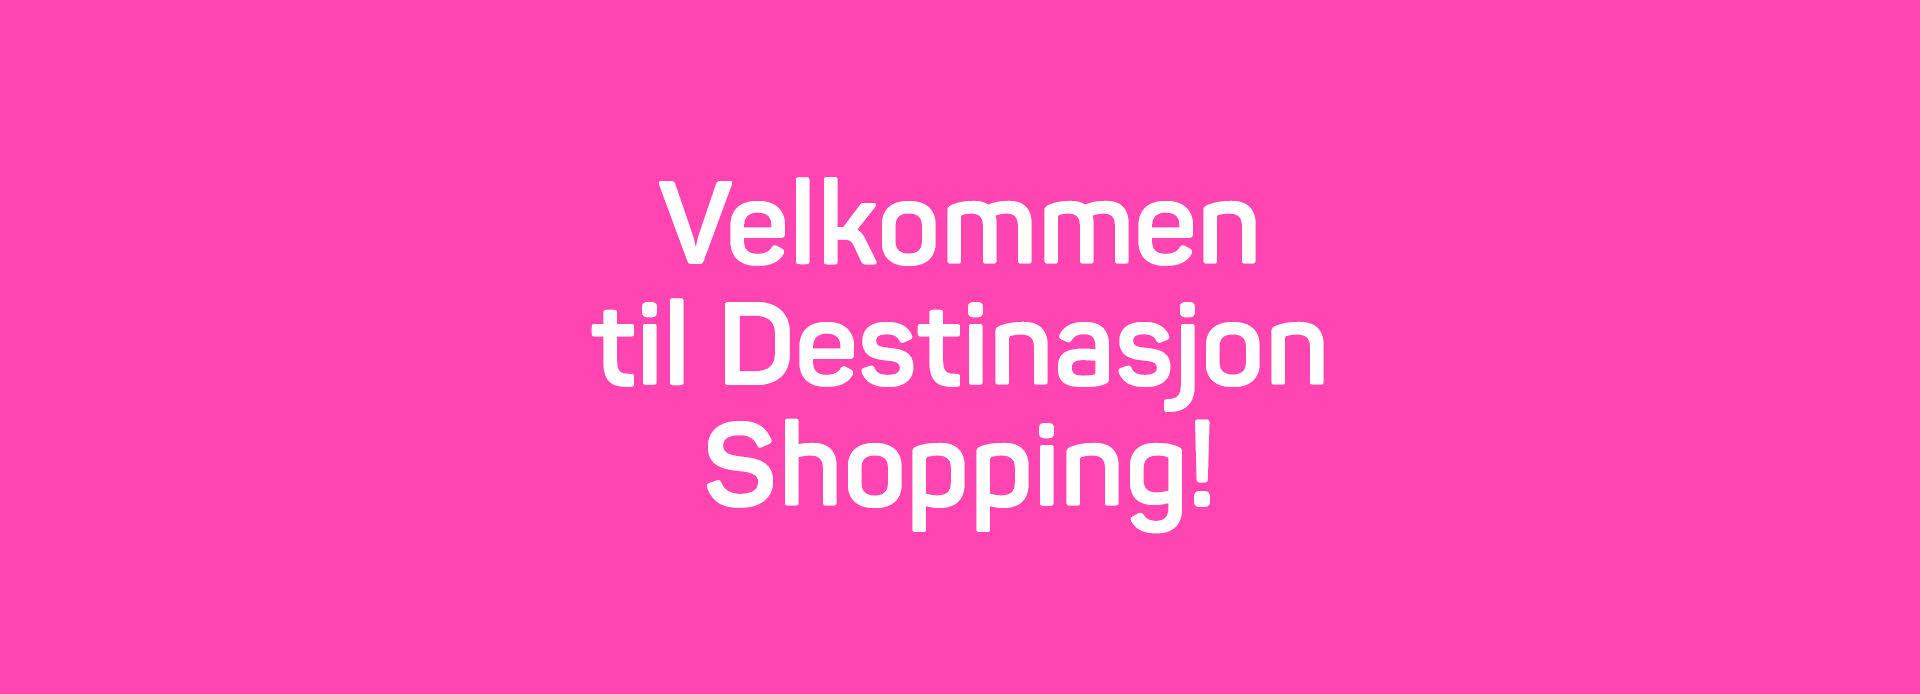 Tekstplakat som sier: Velkommen til destinasjon shopping